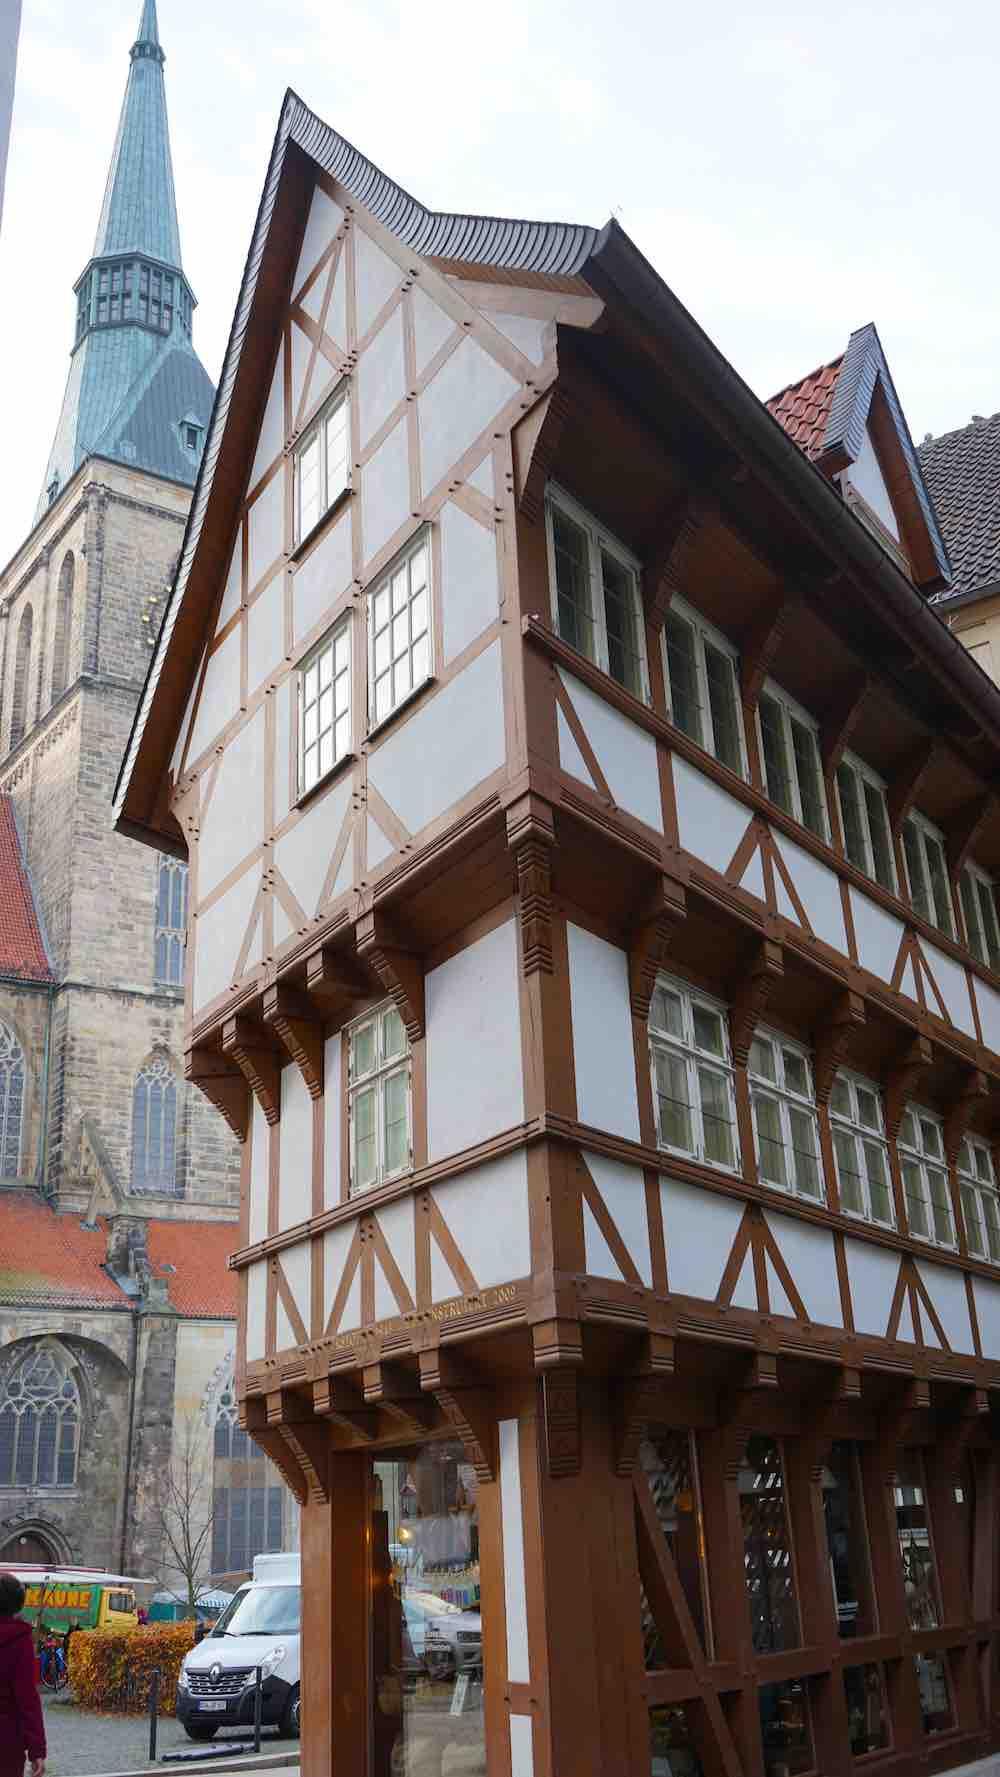 Unten klein, oben deutlich größer: der umgestülpte Zuckerhut in Hildesheim – Foto: Beate Ziehres